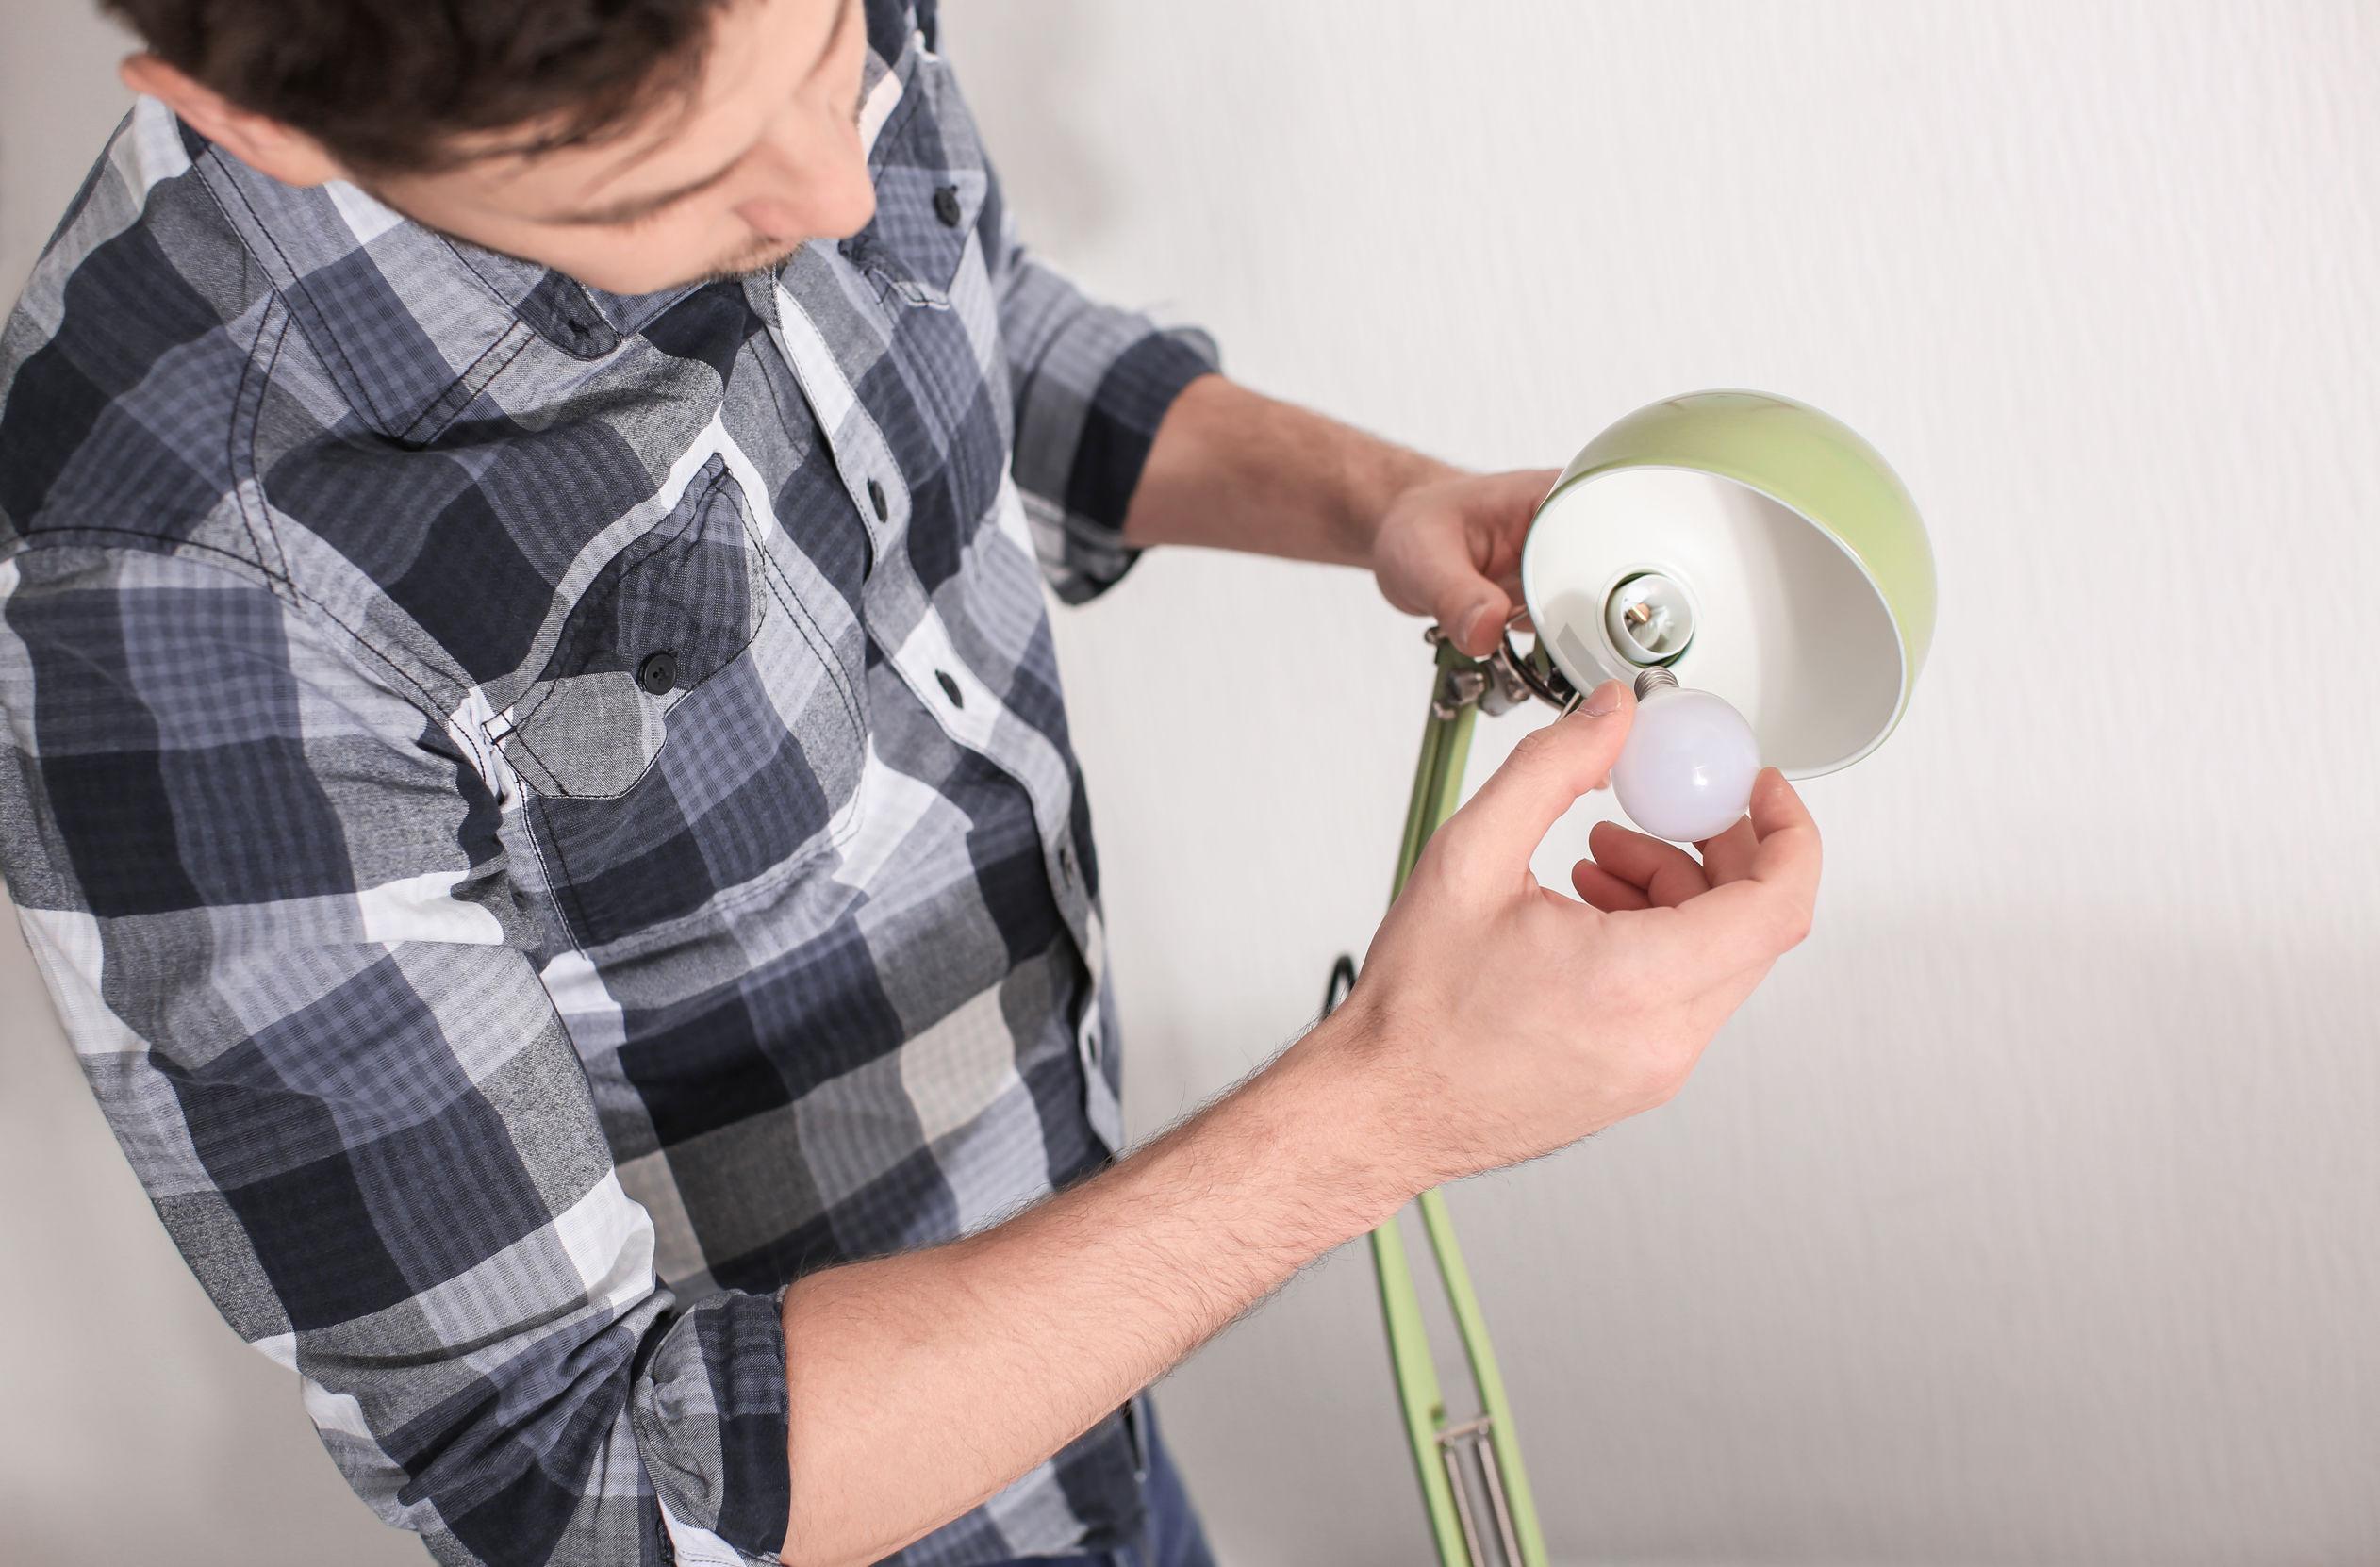 Ledlampen Ontregelen Verbindingen In Huis Financieel